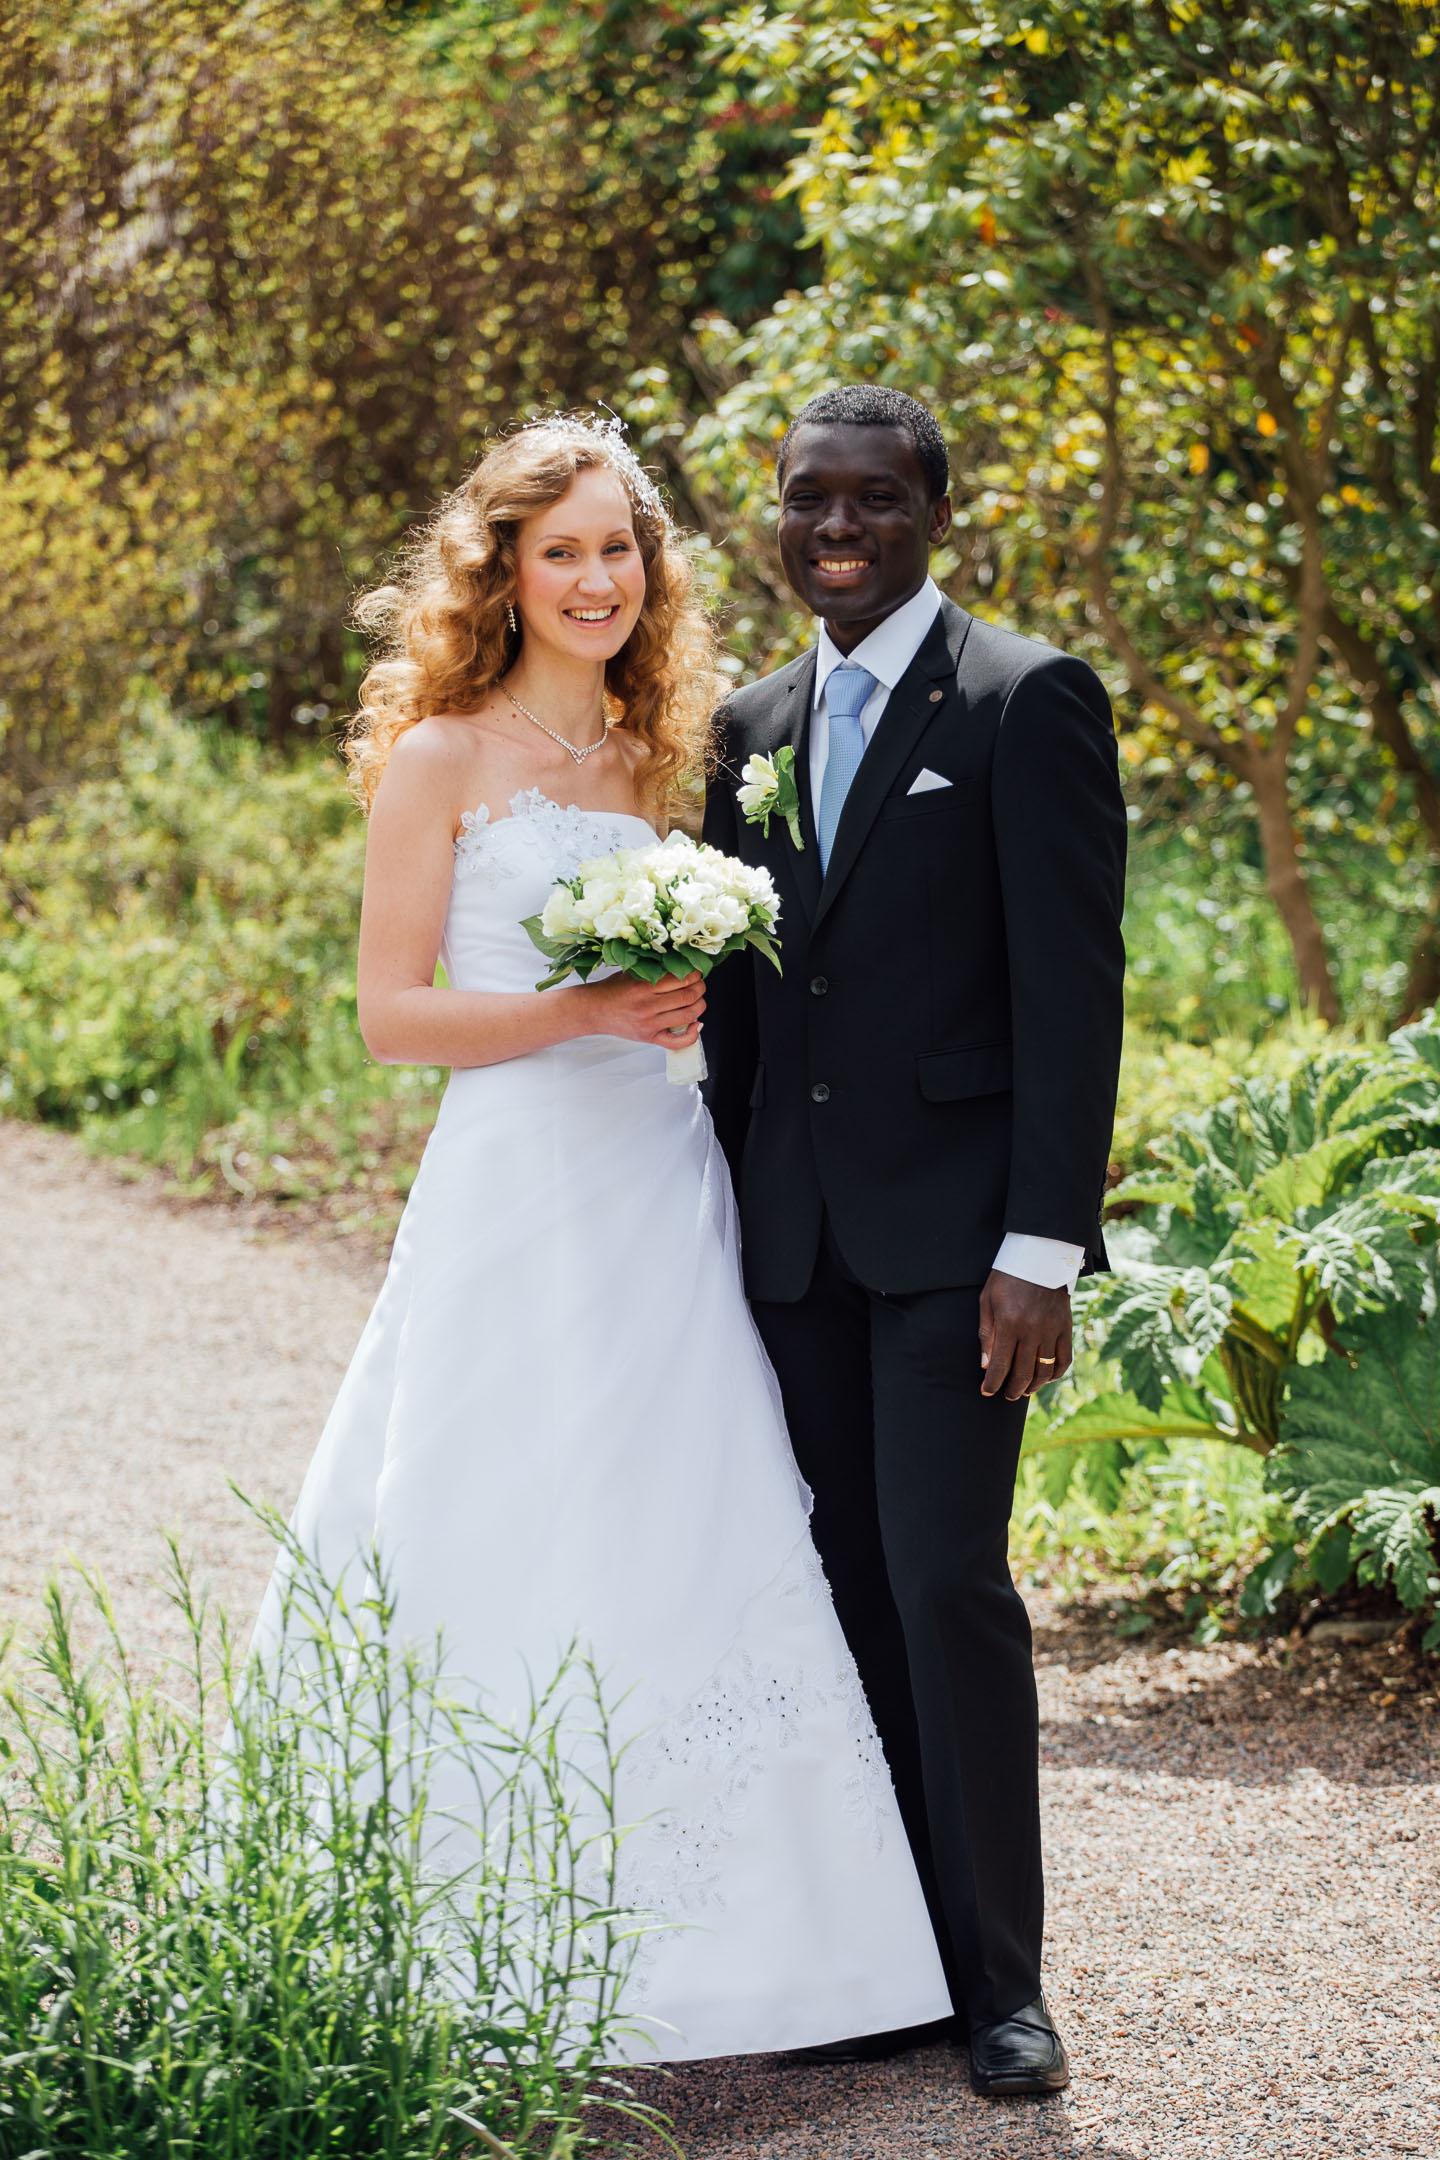 Sommarbröllop i Lund